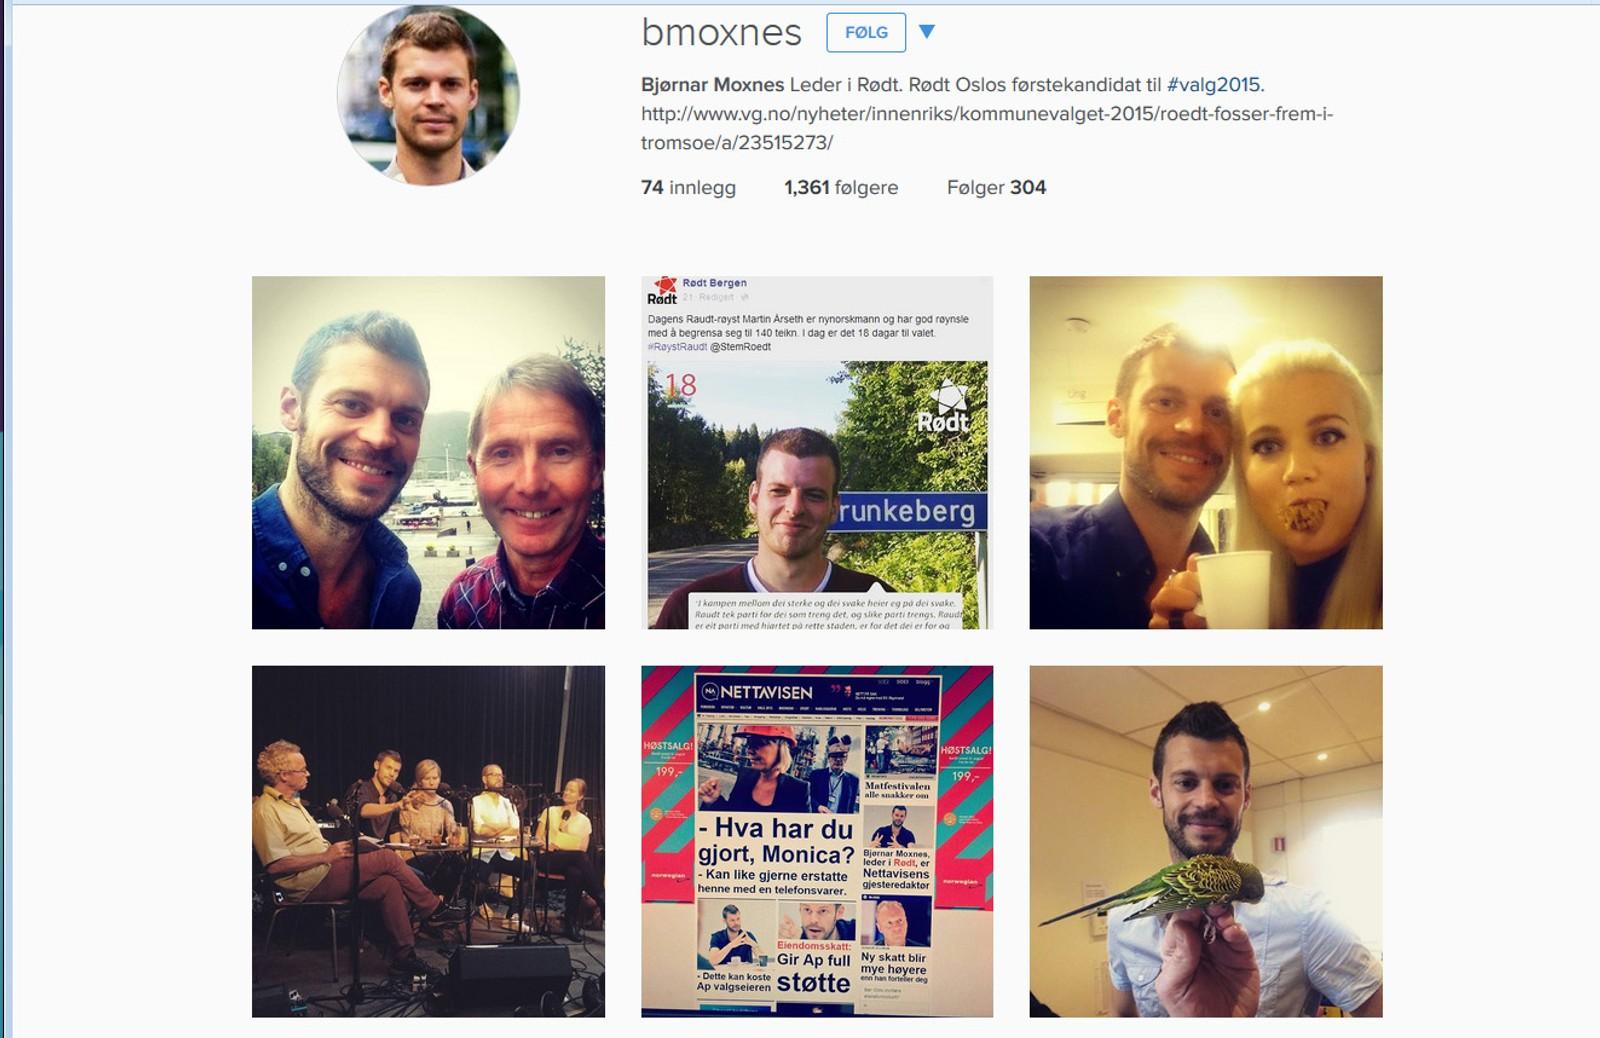 Rødt-leder Bjørnar Moxnes bruker mye humor i formidlingen av politikken sin på Instagram, men ikke hele veien.